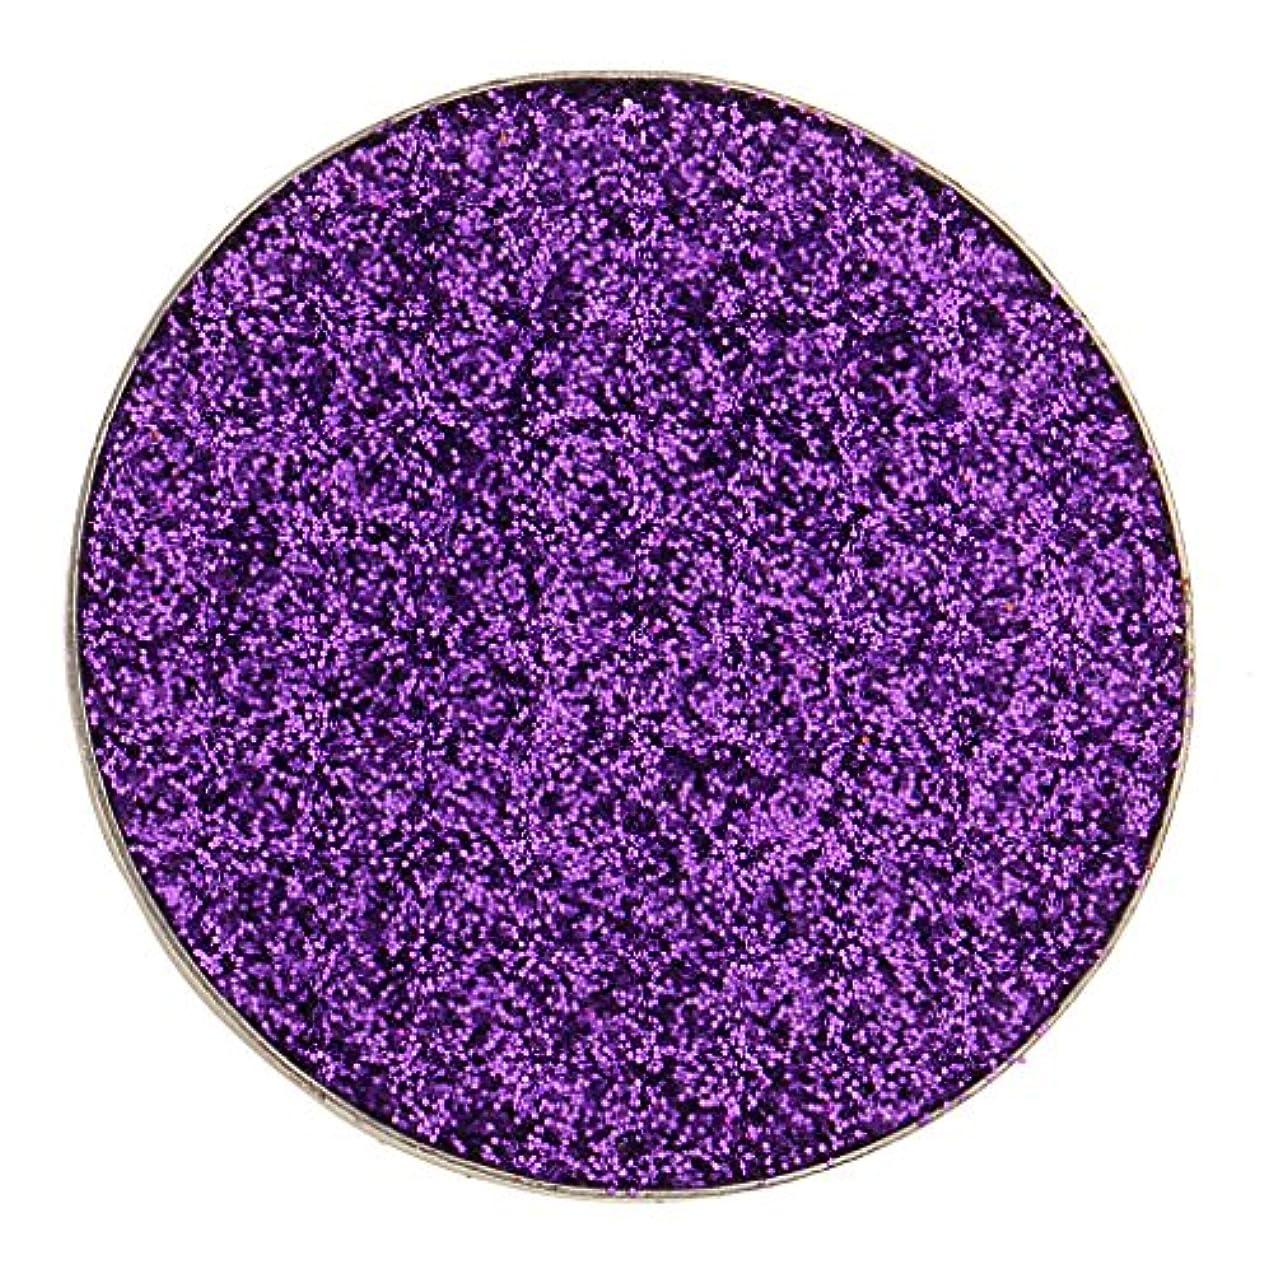 崖器用思い出させるToygogo スパークリングダイヤモンドキラキラシマーコスメティックメイクアッププレスドパウダーアイシャドウピグメントスモーキーパーティーアイシャドウパレット5色緑赤紫シルバーマルチ - 紫